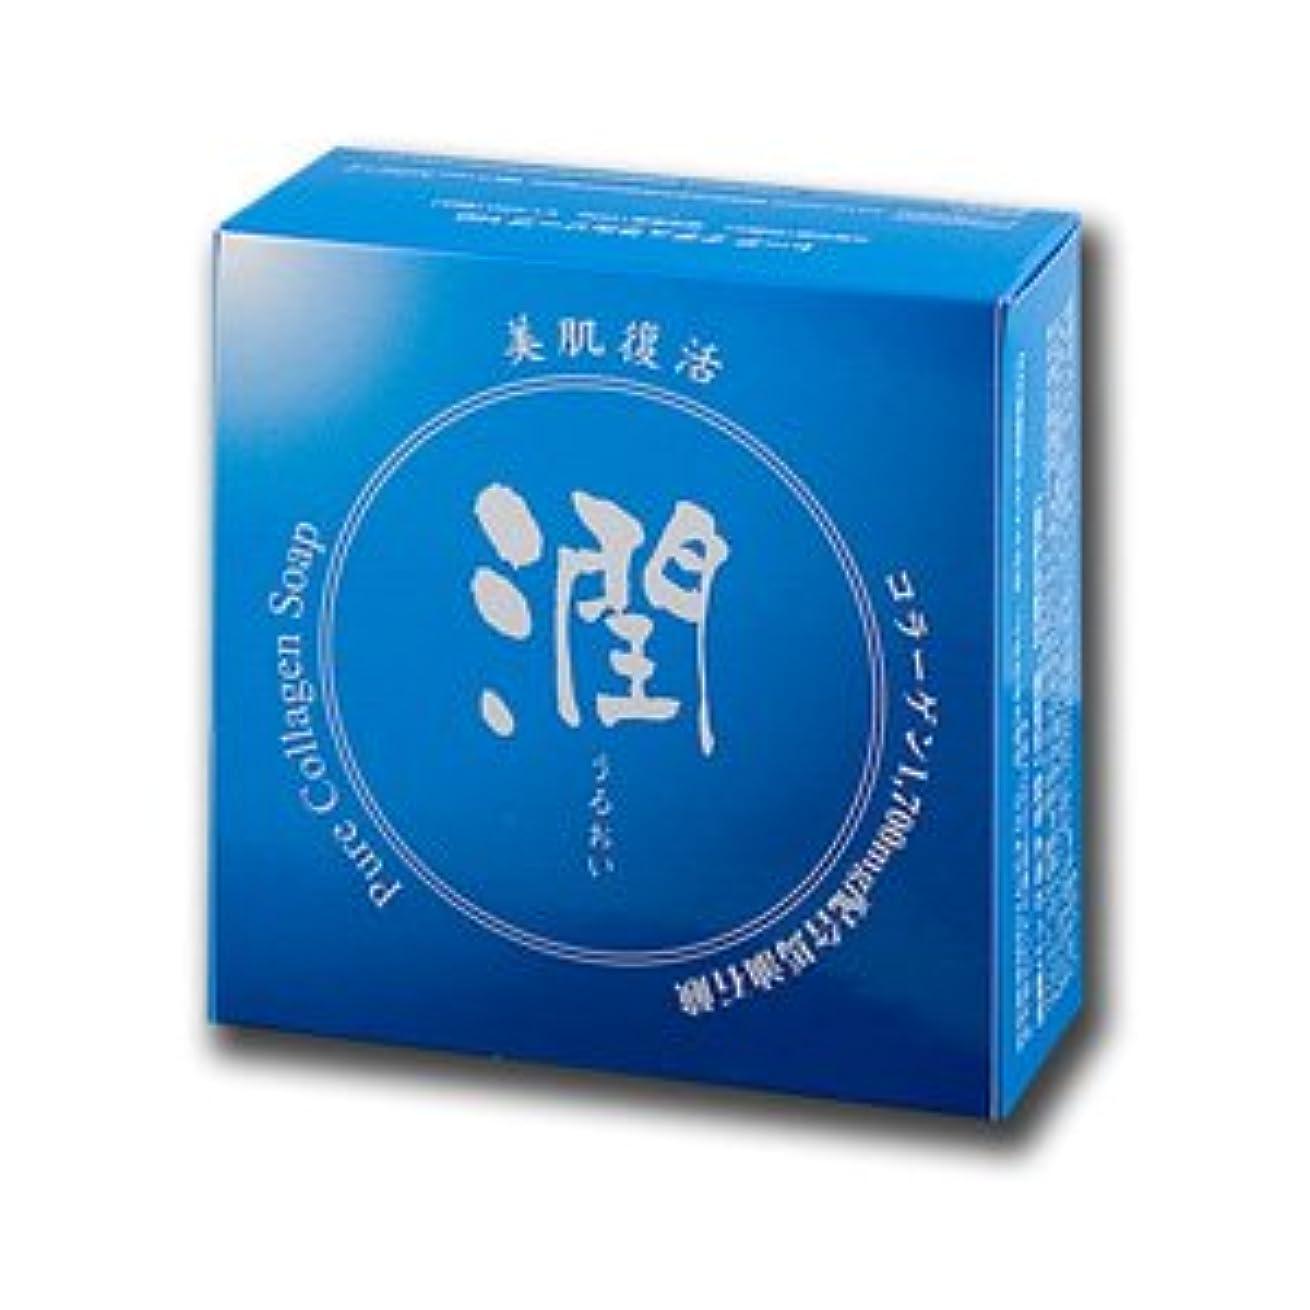 落ち着いた太平洋諸島観光コラーゲン馬油石鹸 潤 100g (#800410) ×3個セット